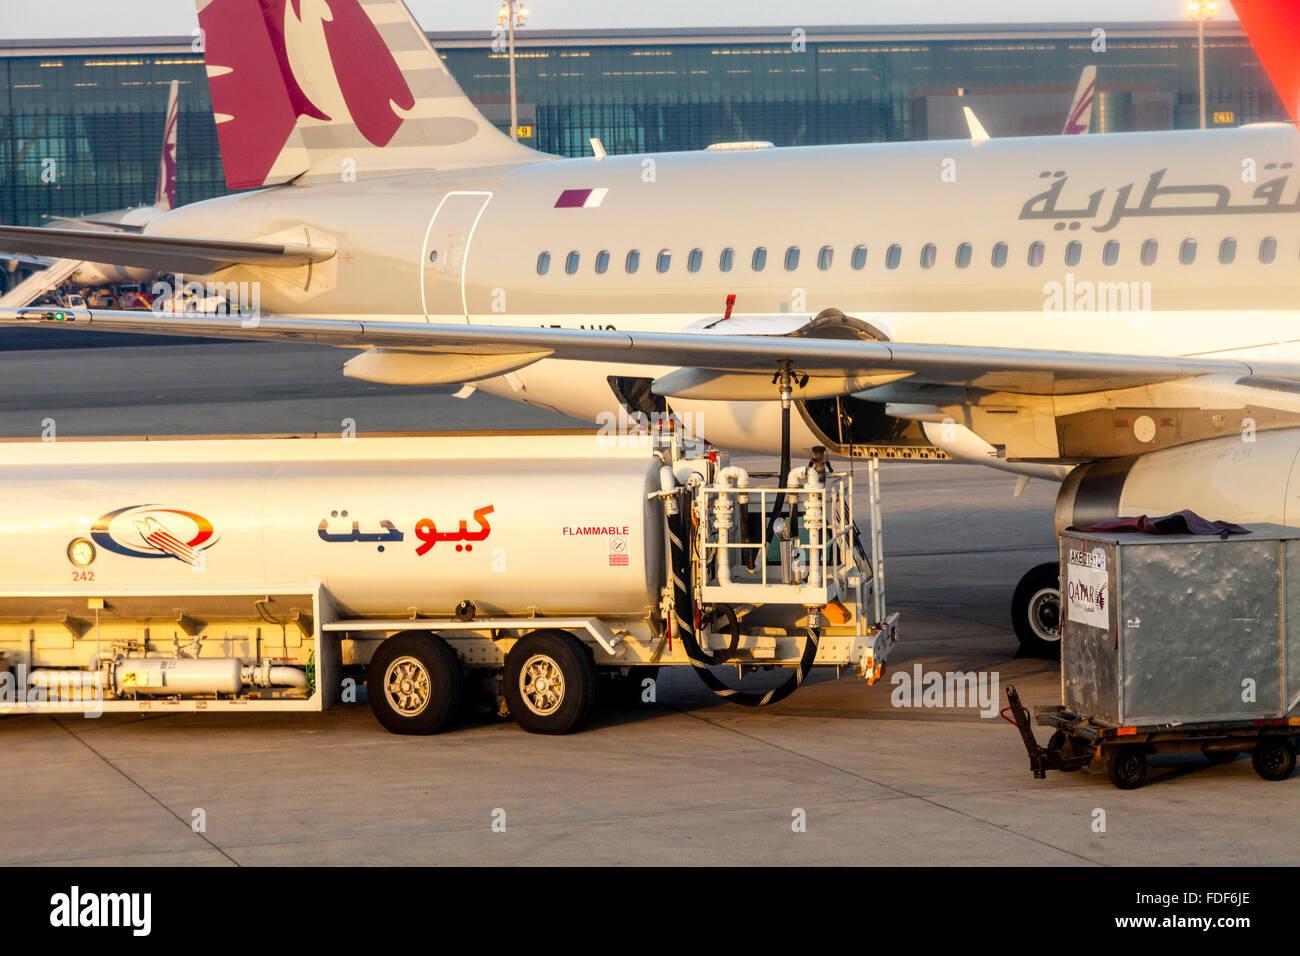 a-qatar-airways-aircraft-is-refuelled-ha